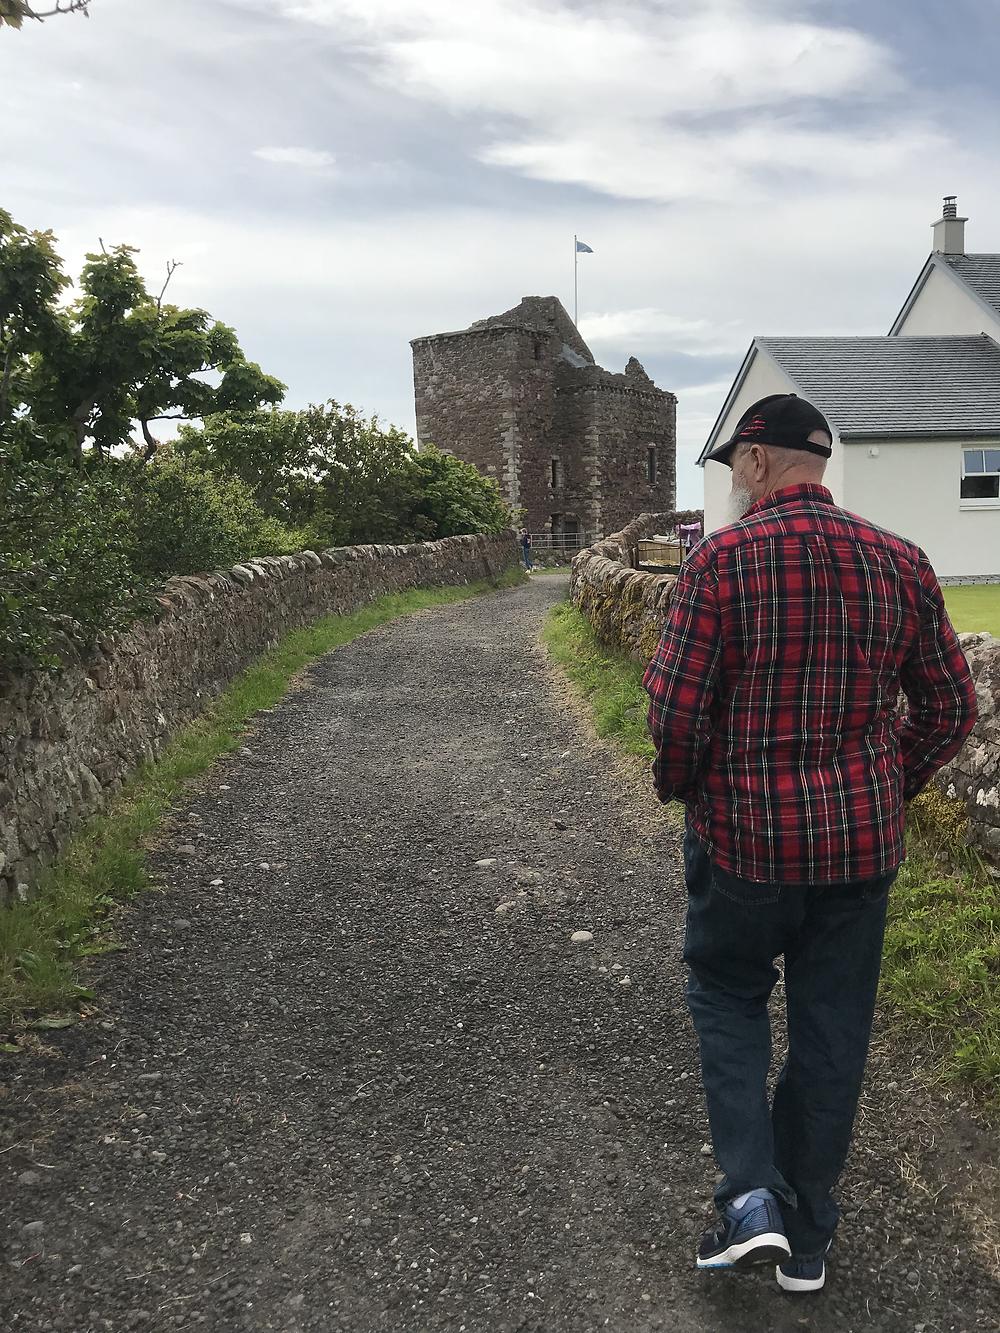 My friend Larry in Scotland